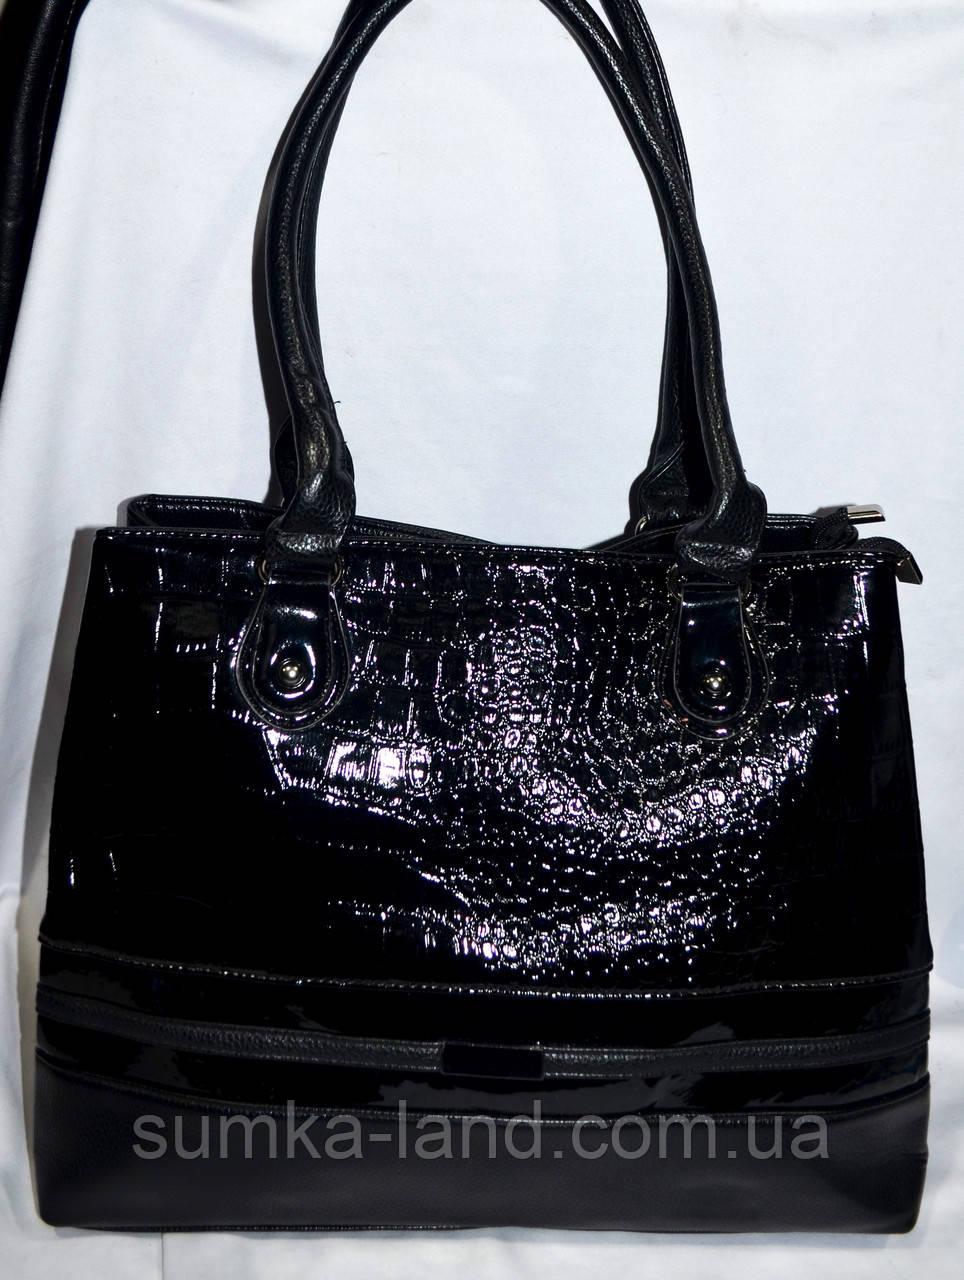 8dc999ec7a32 Женская черная лаковая сумка из искусственной кожи на 2 отделения 36*30 см